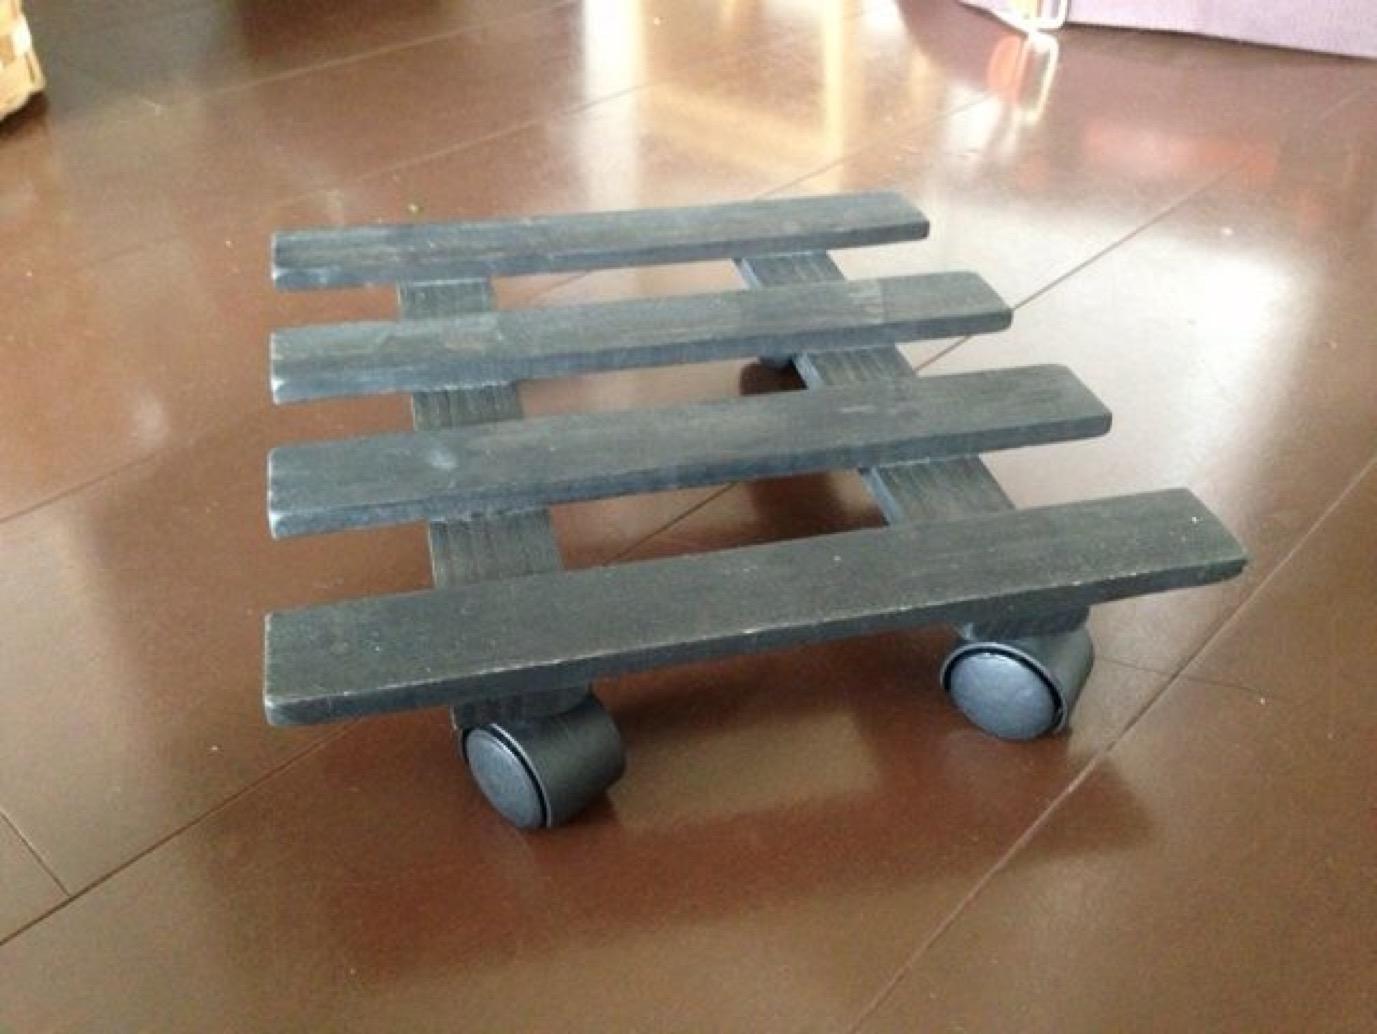 植木鉢を置く、ローラーがついた台。これに乗って室内を移動しました。